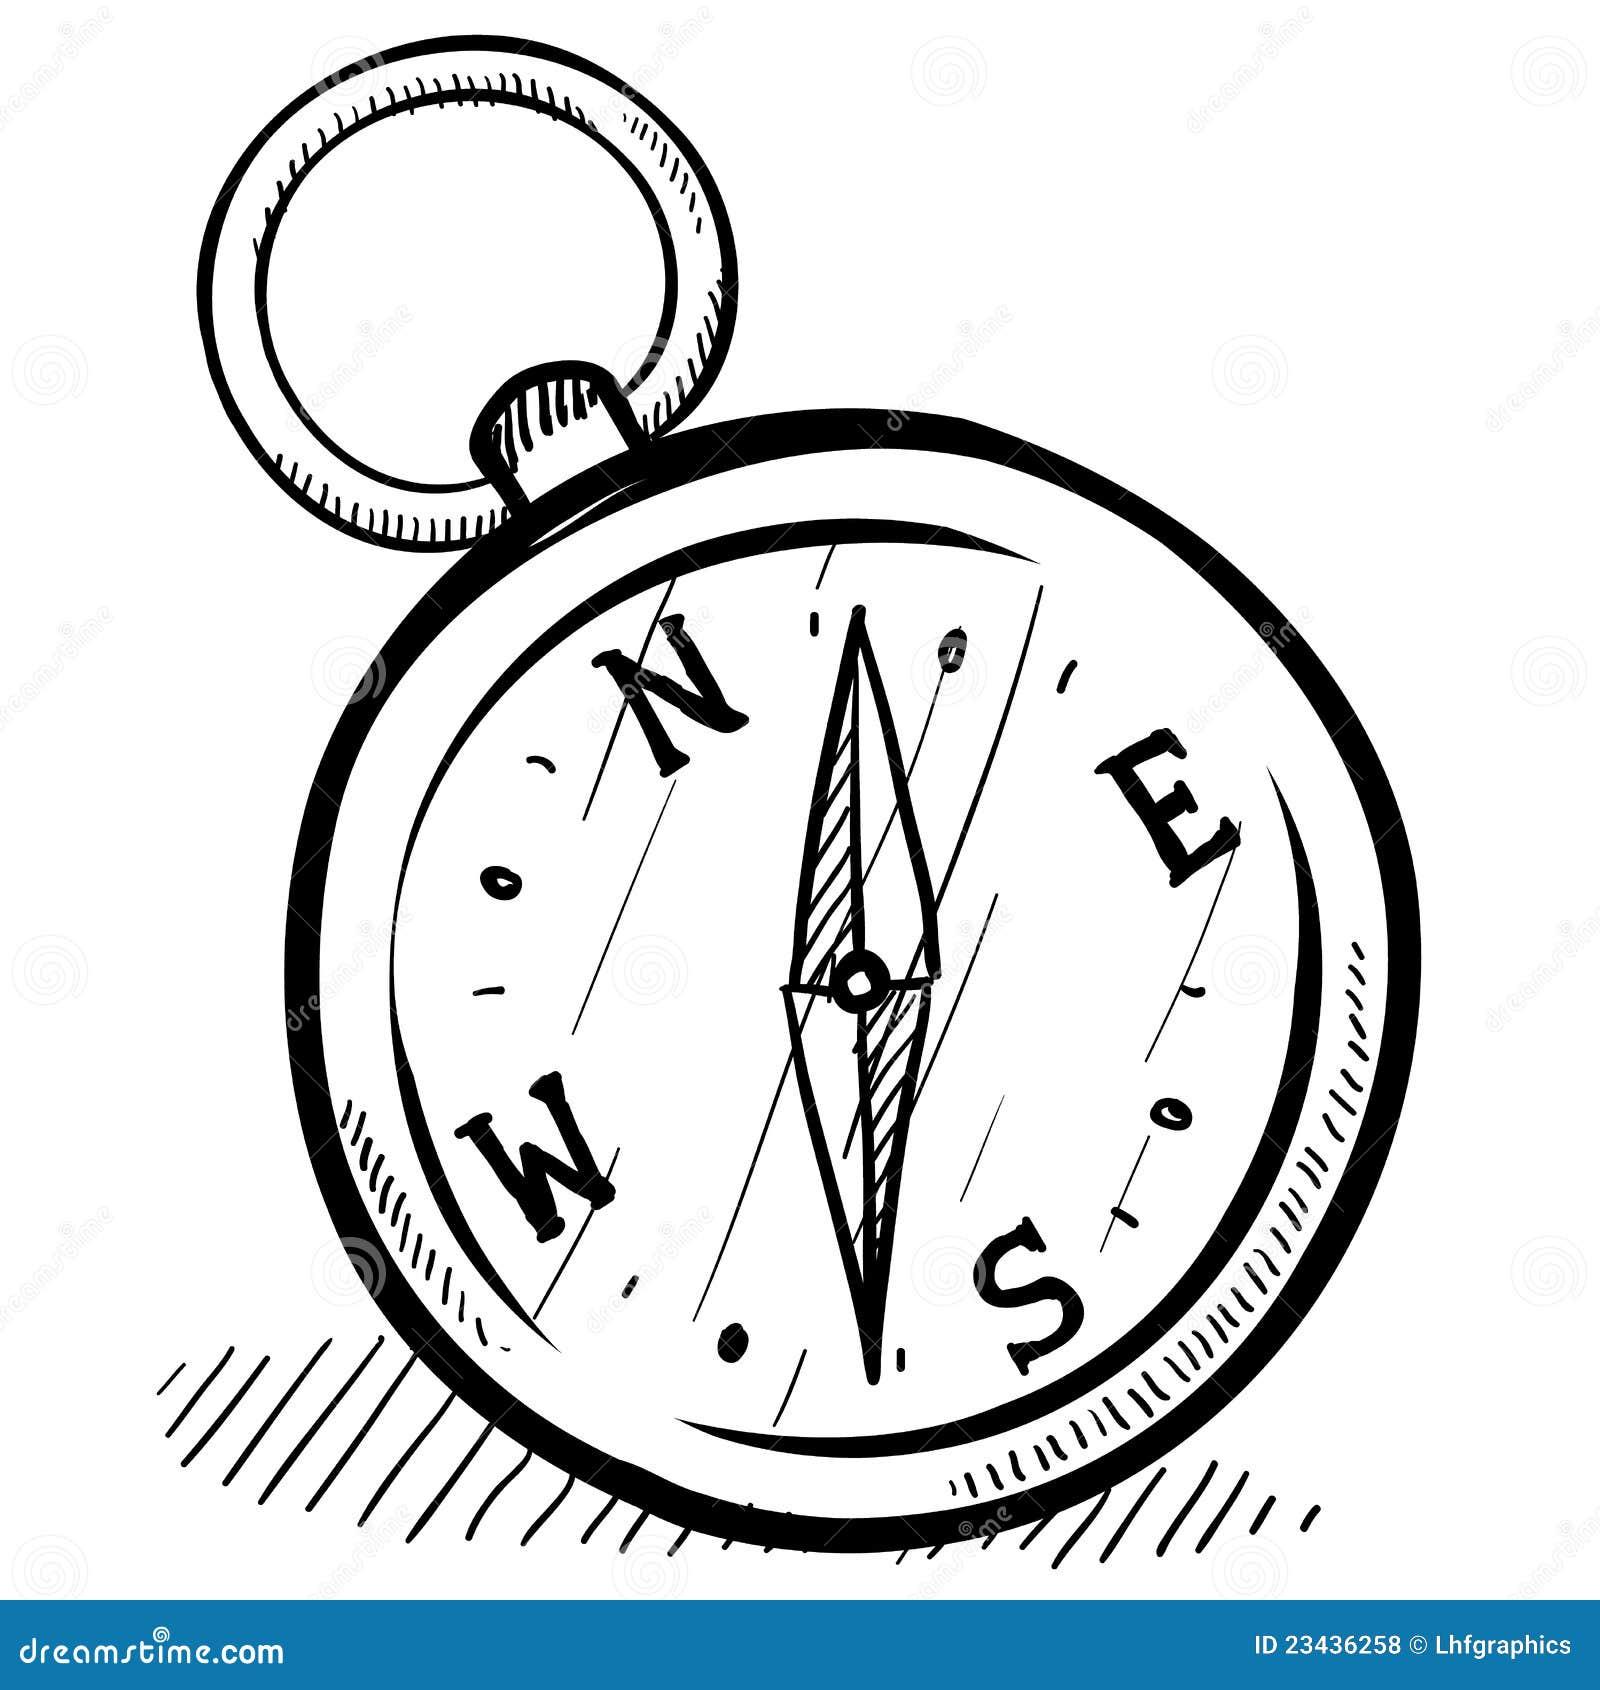 pocket clock clip art